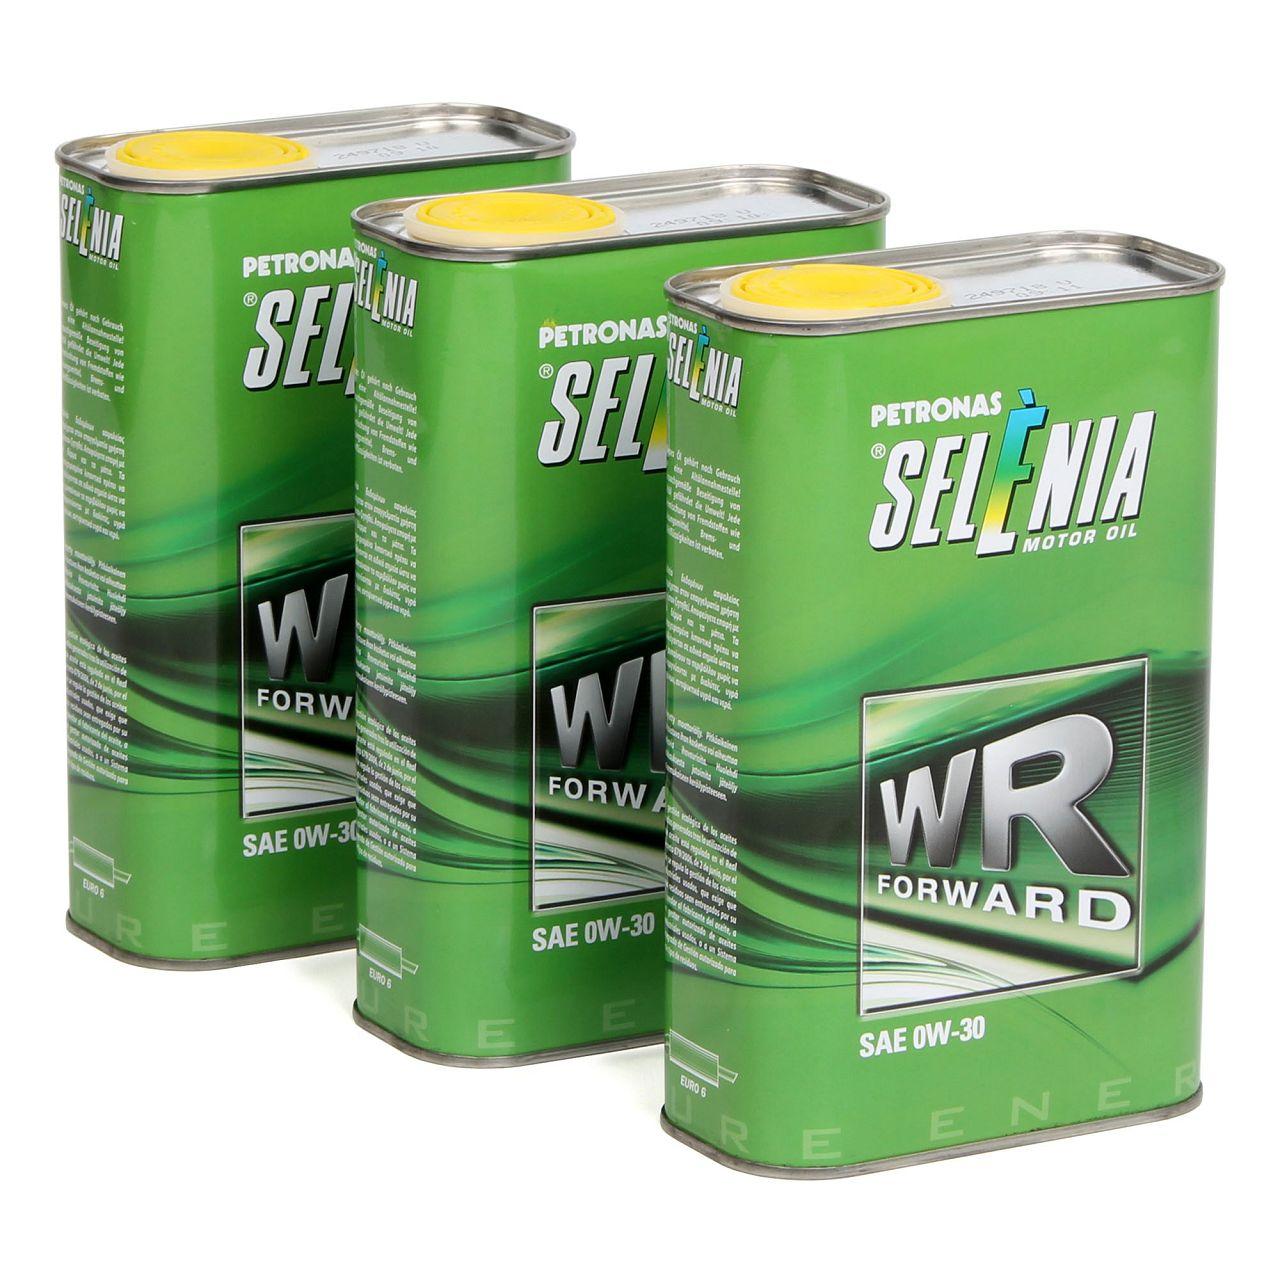 PETRONAS SELENIA Motoröl Öl WR FORWARD 0W30 0W-30 Fiat 9.55535-DS1 - 3L 3 Liter